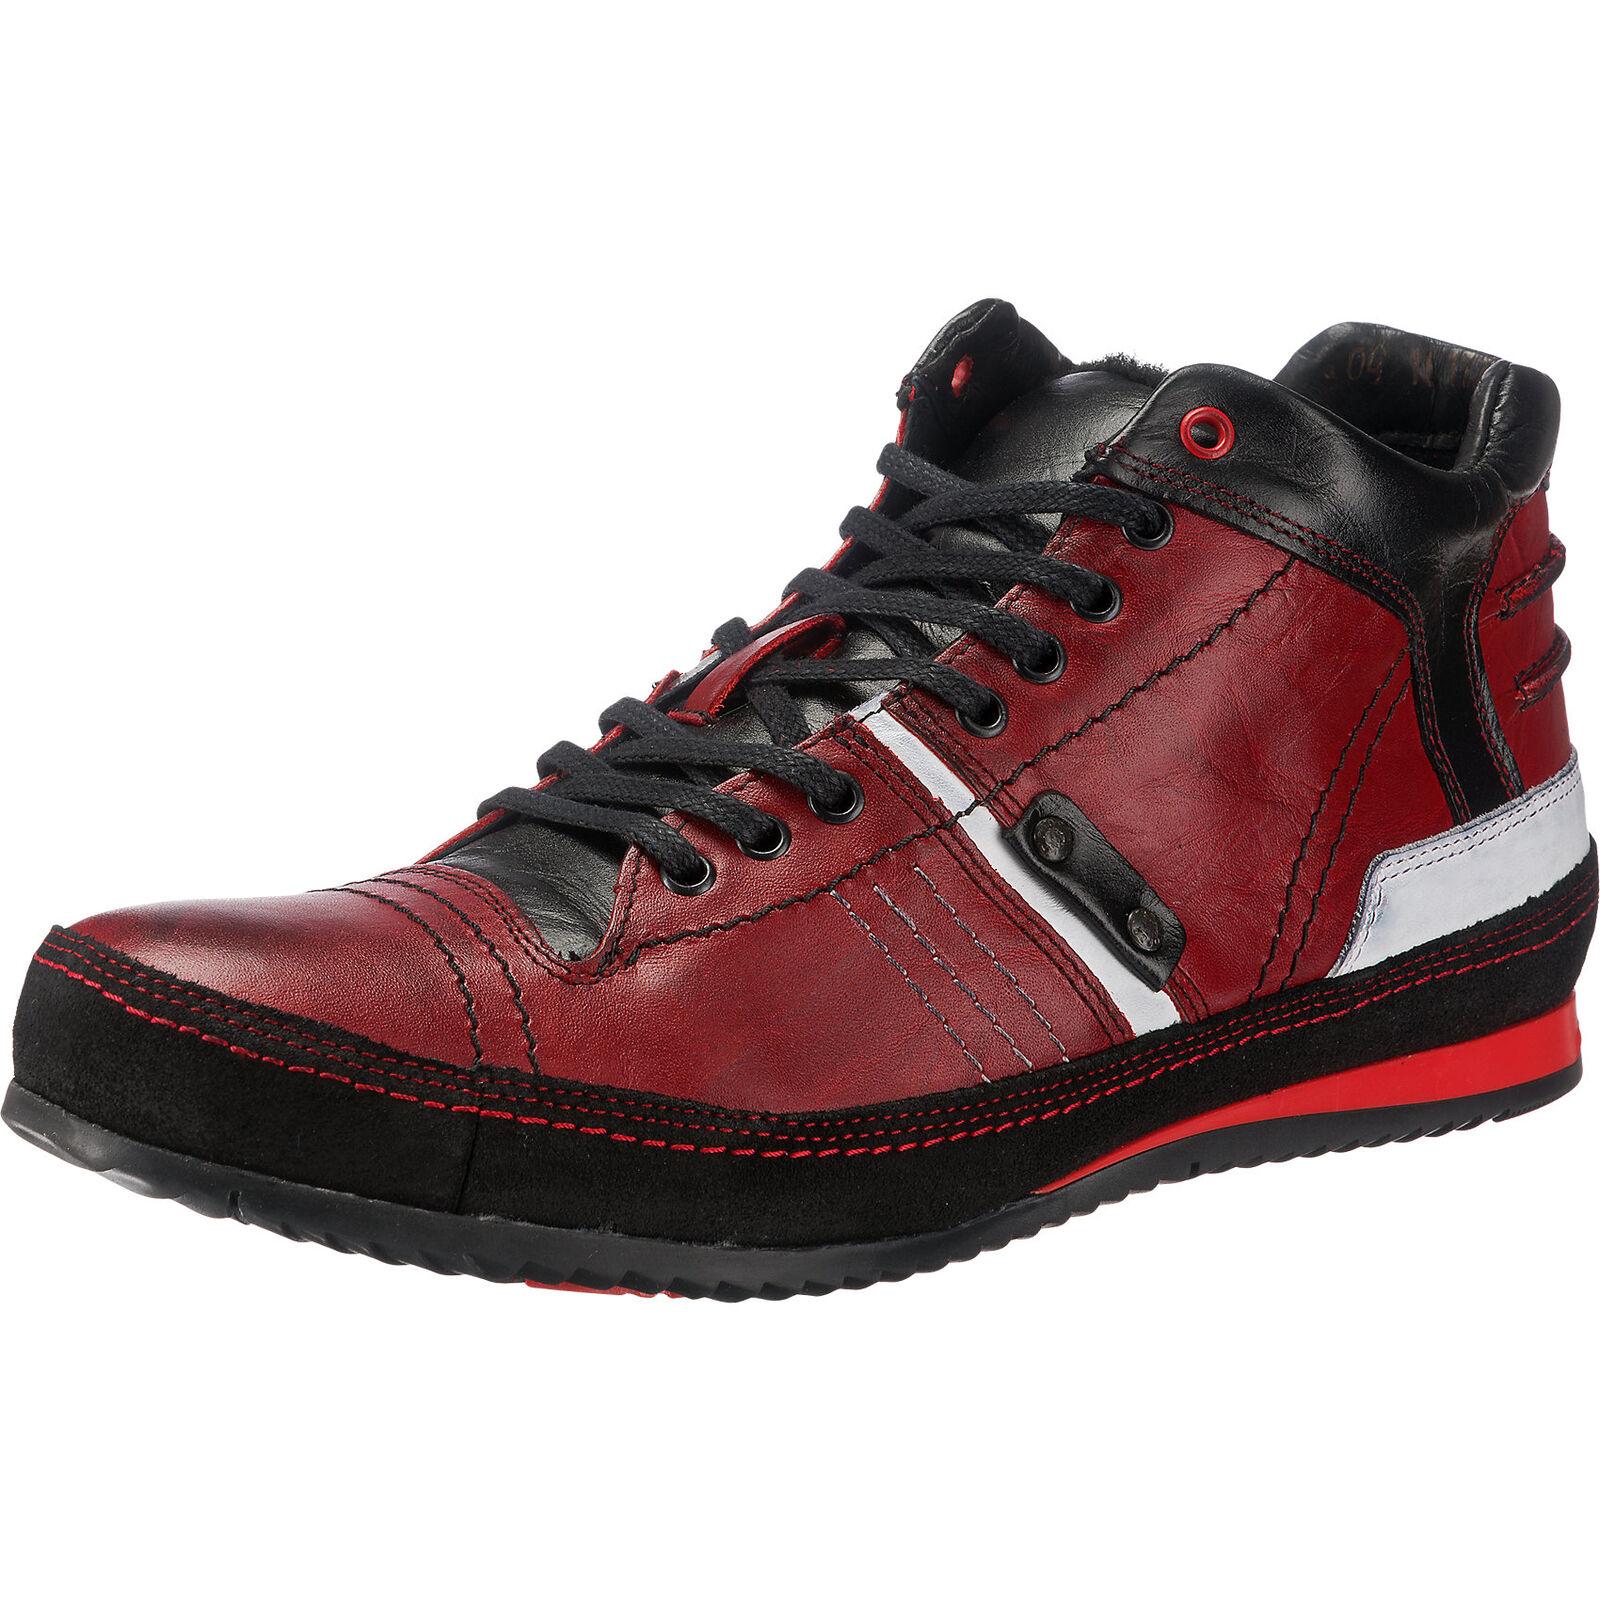 Neu Kristofer Freizeit Schuhe rot-kombi 5762979